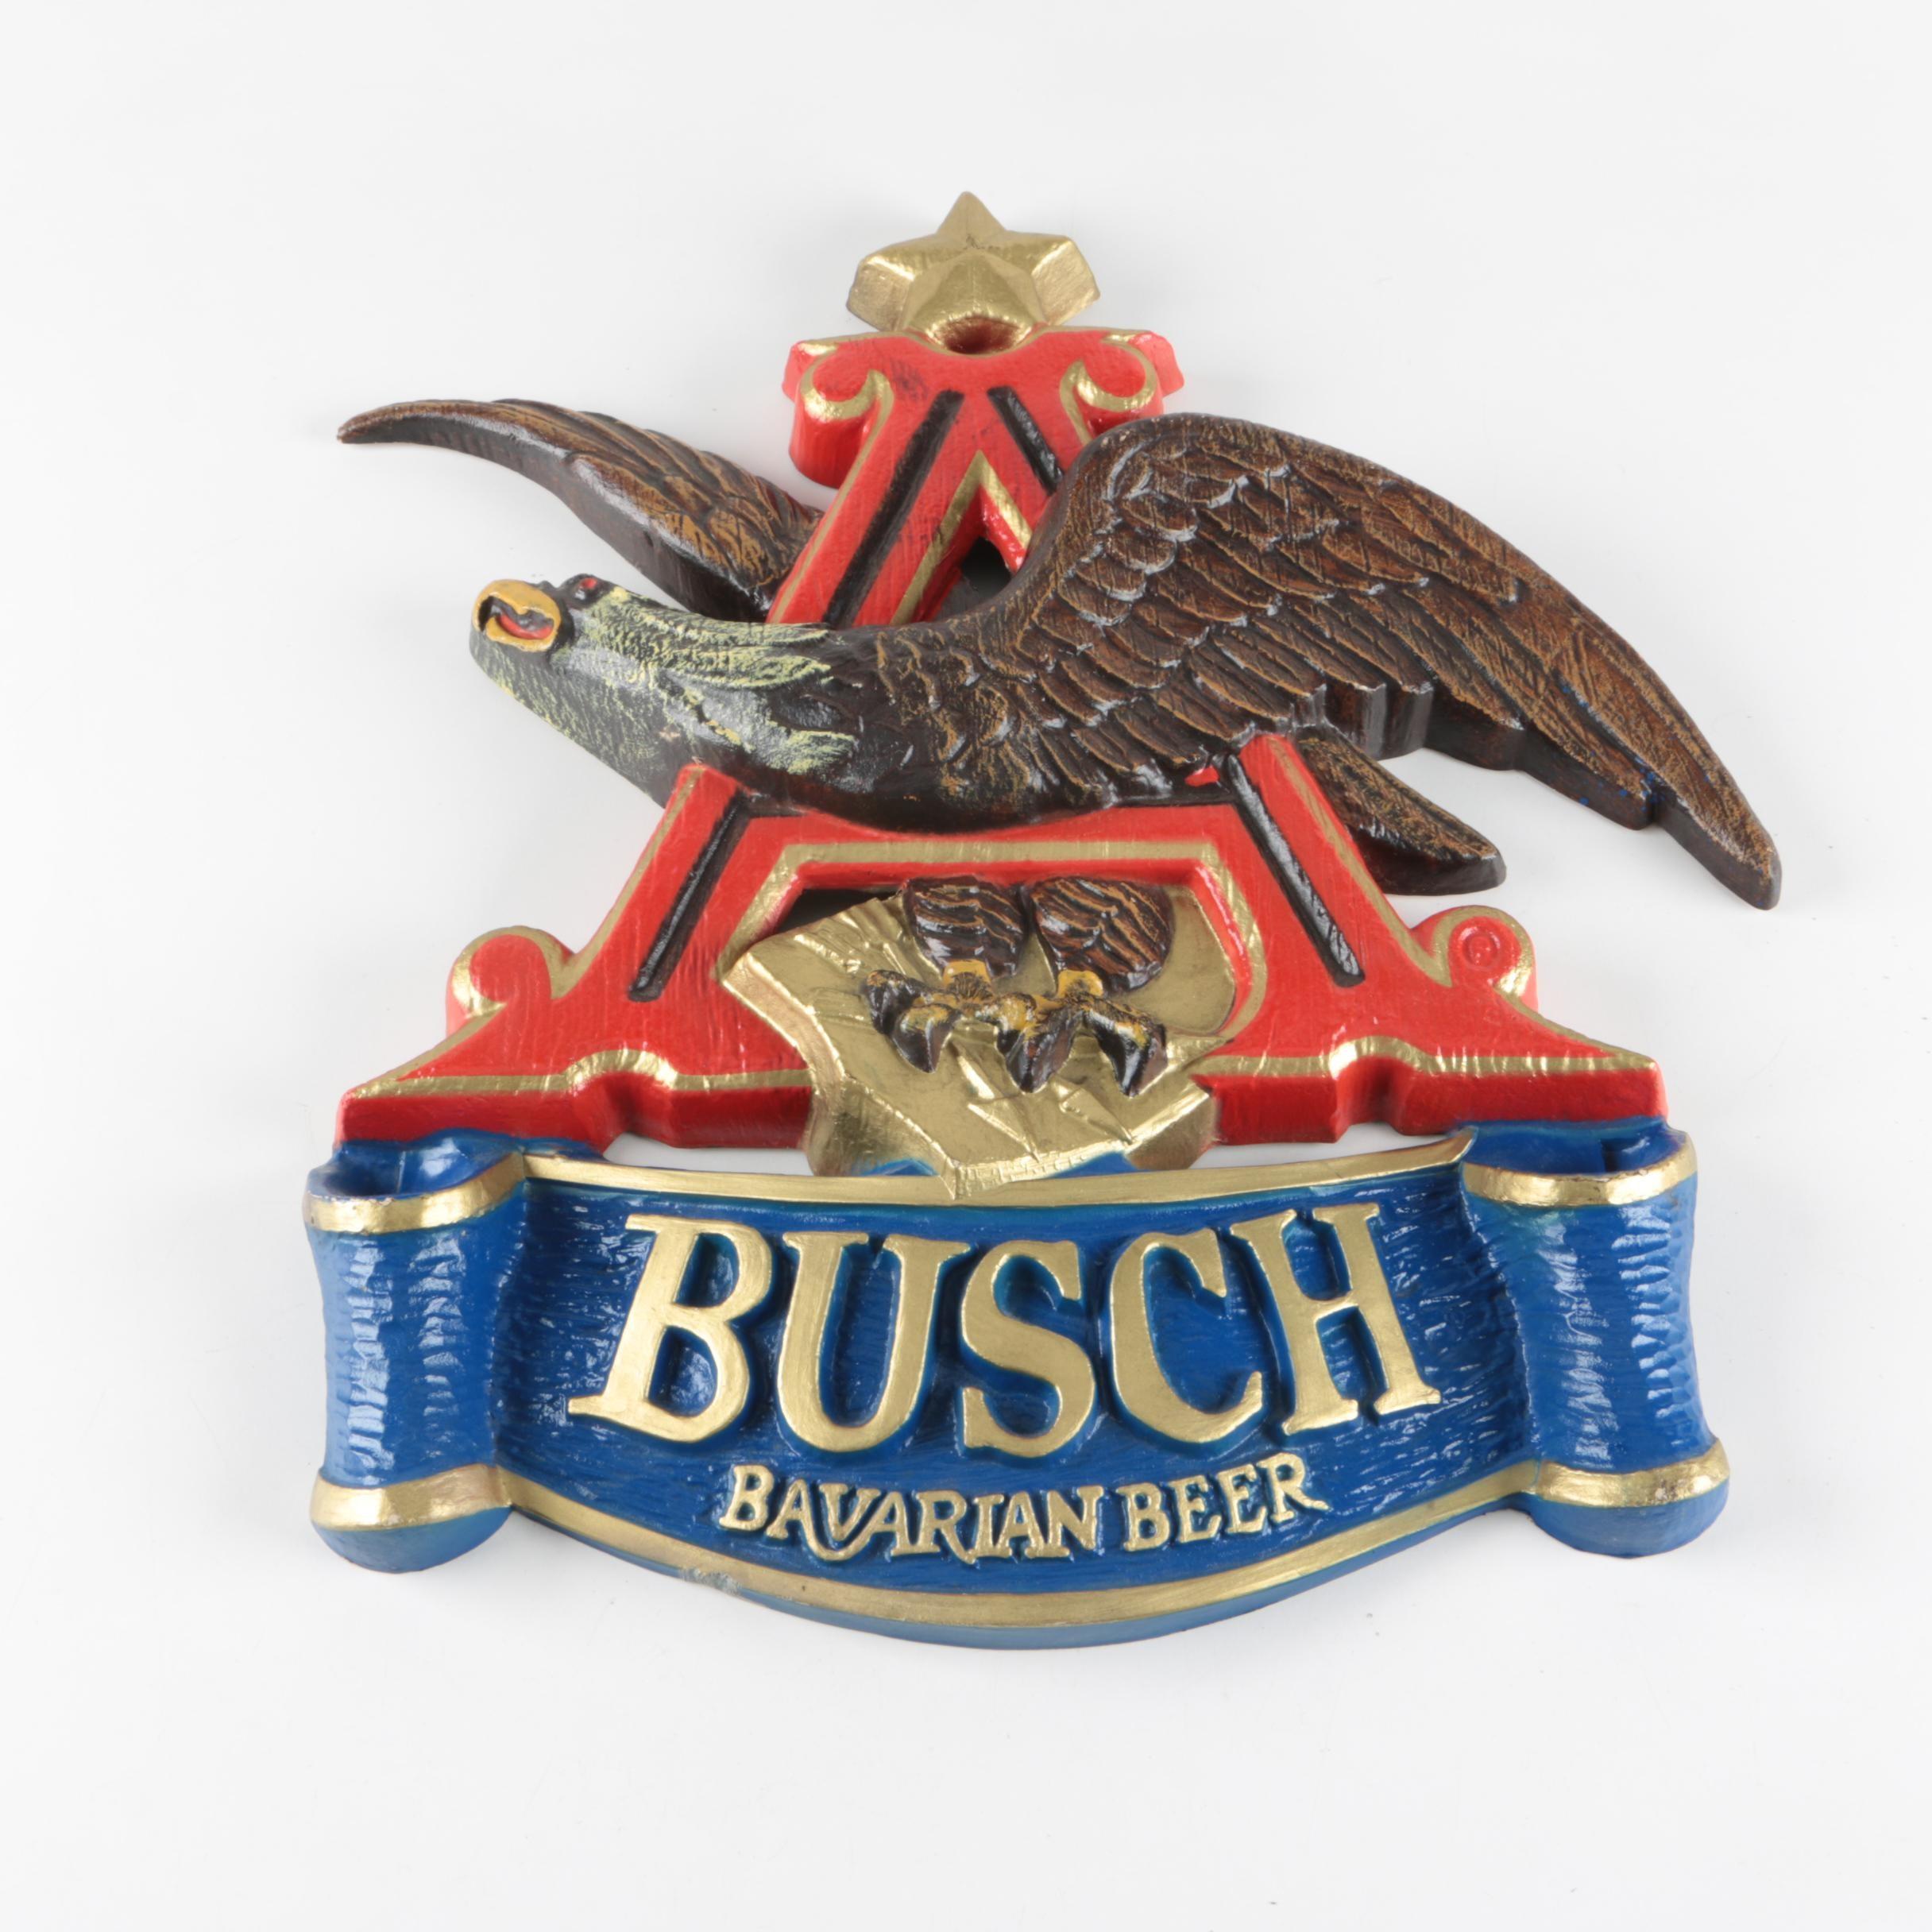 Busch Bavarian Beer Sign